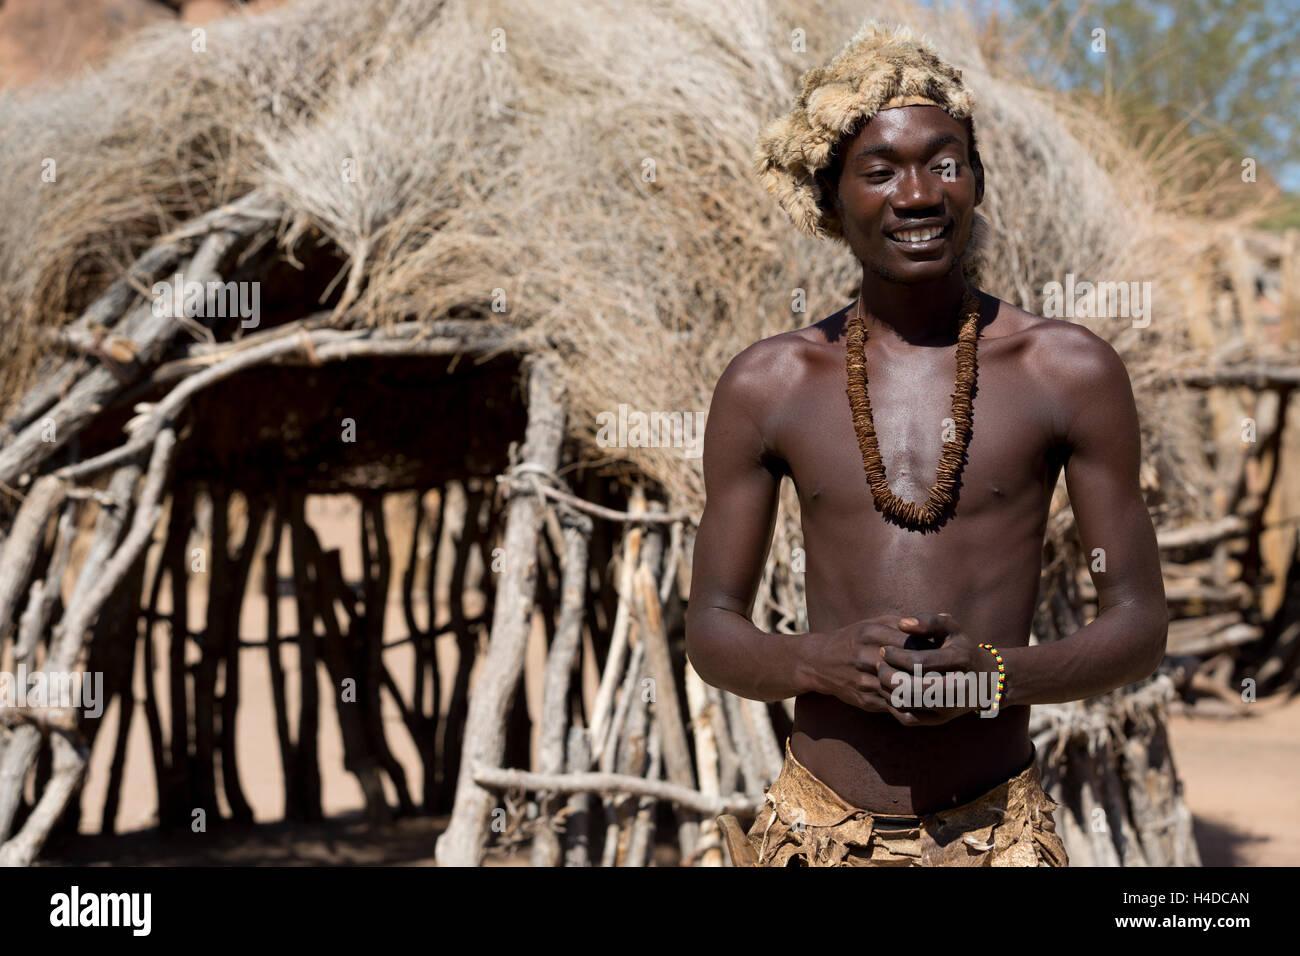 Cazador de África Damara gente permanece cerca de la cabaña en el pueblo de Namibia, Sudáfrica Imagen De Stock